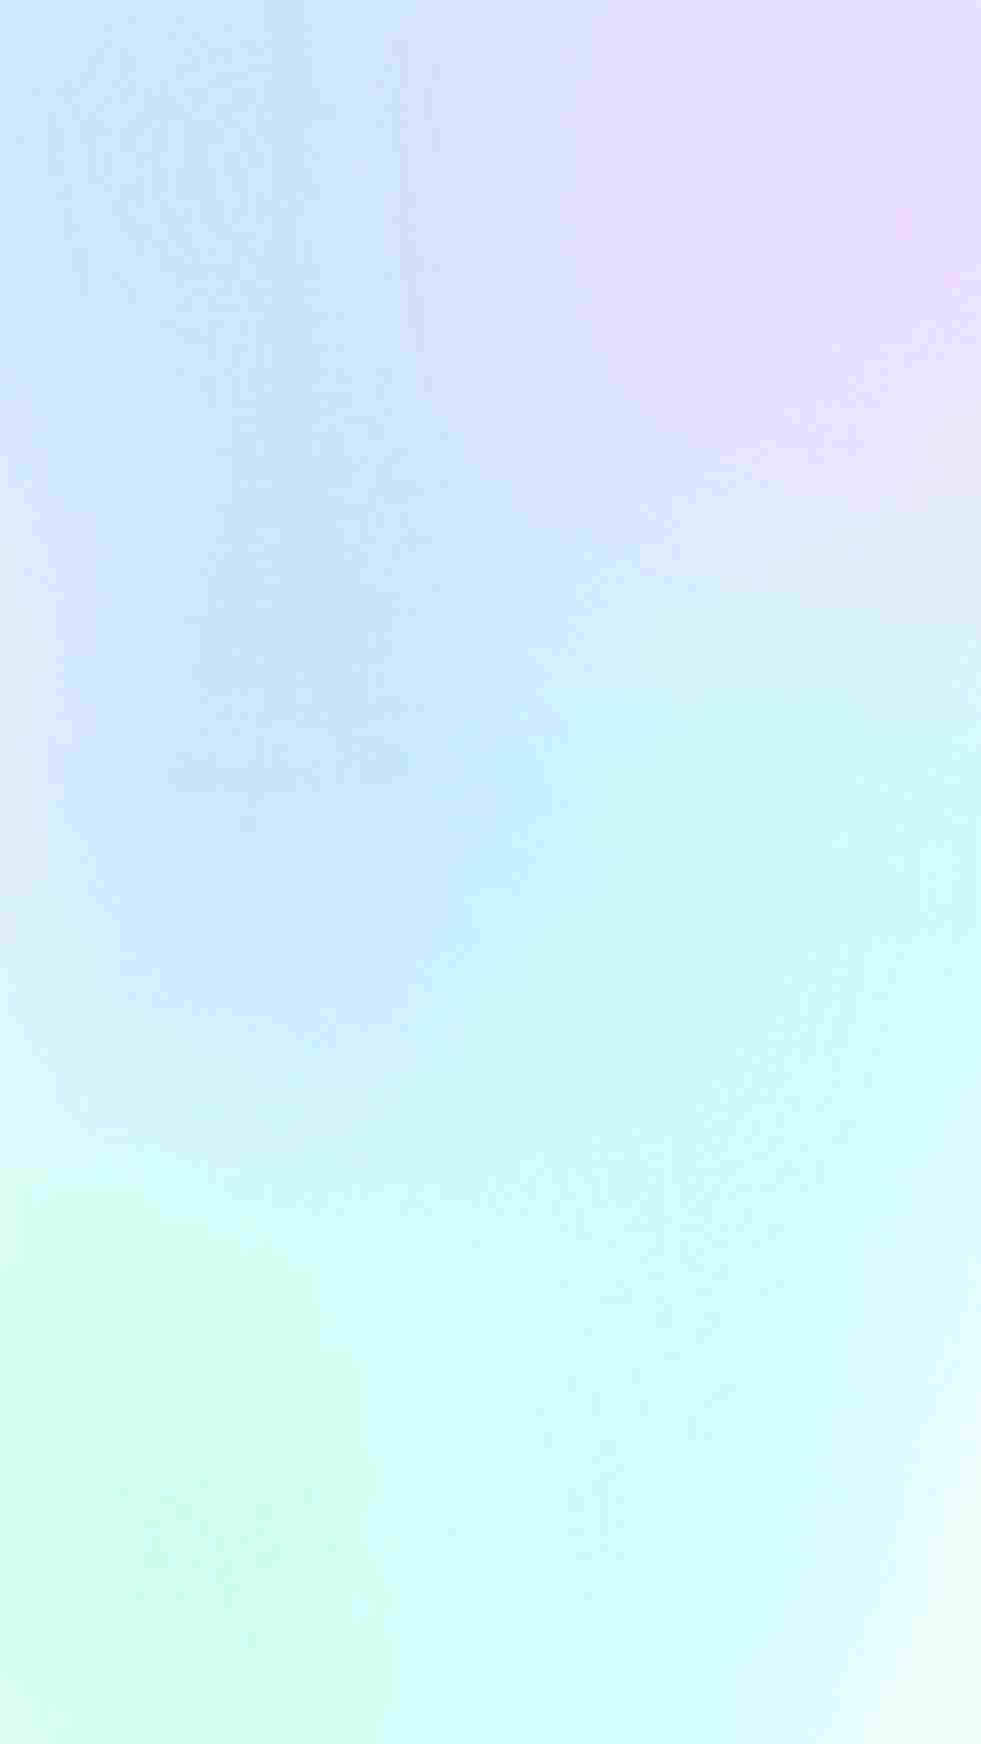 Hình nền thẩm mỹ đơn giản 981x1744 HD